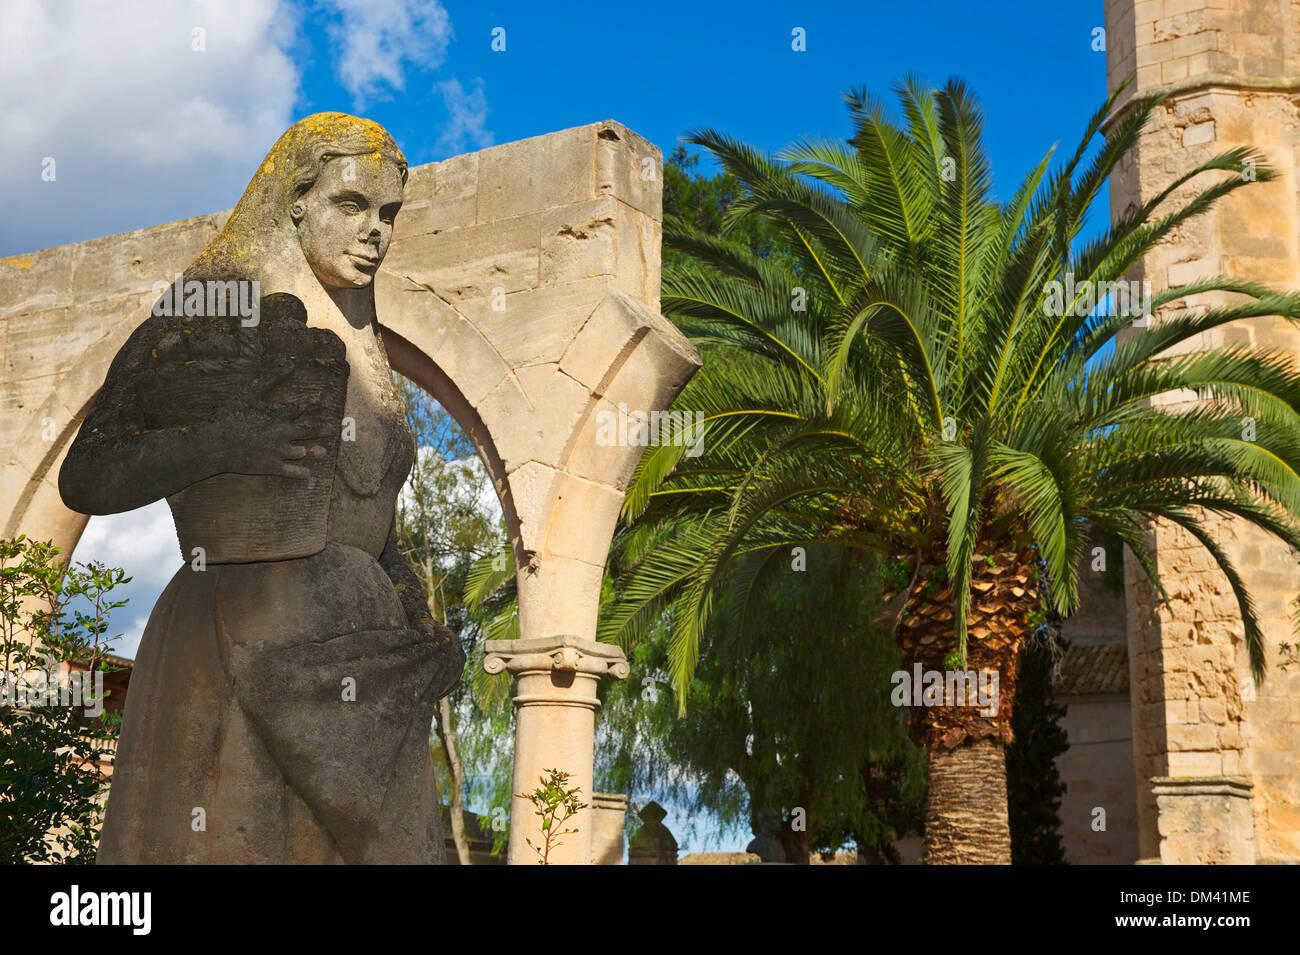 Balearen Mallorca Spanien Europa Statue Skulptur Figur Kultur Kultur Kunst Fertigkeit Kunstwerk Skulptur Petra außerhalb Stockbild